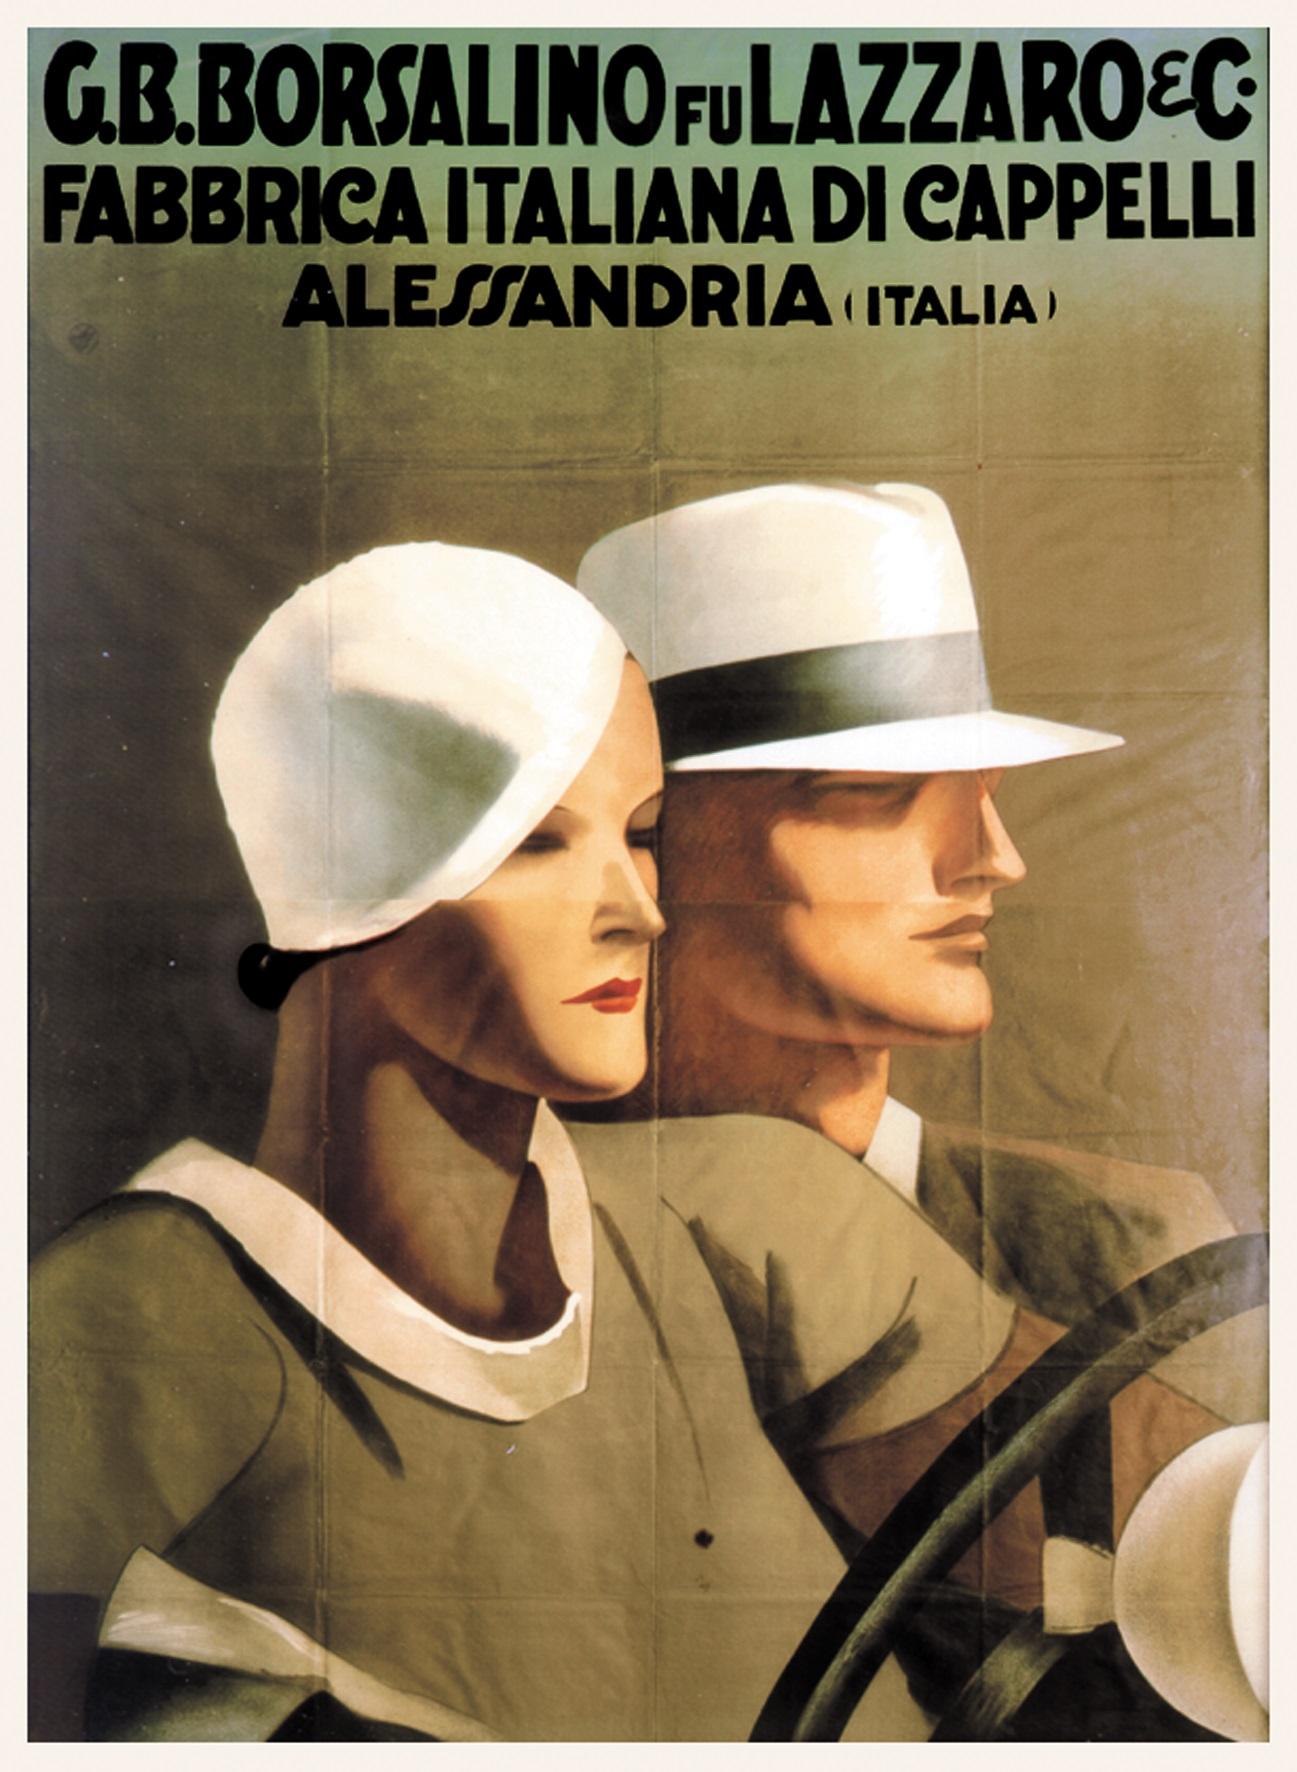 Borsalino City - 12 Lazzaro - immagine concessa da Archivio della Borsalino- Fototeca Civica di Alessandria